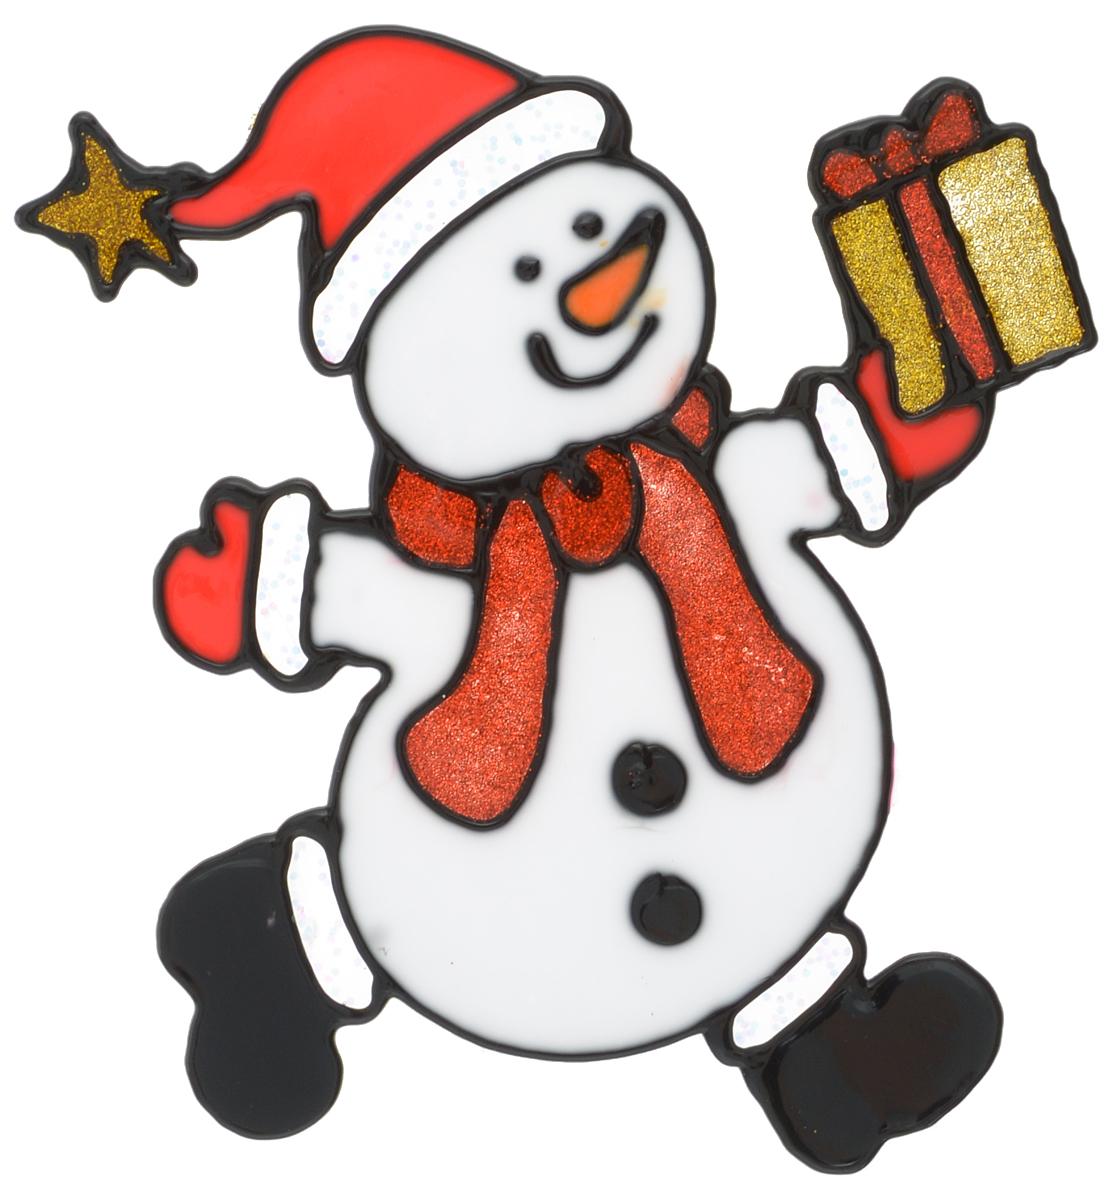 Наклейка на окно Erich Krause Сюрприз, 14,5 х 13,5 см38501Наклейка на окно Erich Krause Сюрприз выполнена в виде снеговика с подарком.С помощью больших витражных наклеек на окно Erich Krause можно составлять на стекле целые зимние сюжеты, которые будут радовать глаз, и поднимать настроение в праздничные дни! Так же Вы можете преподнести этот сувенир в качестве мини-презента коллегам, близким и друзьям с пожеланиями счастливого Нового Года!Размер наклейки: 14,5 х 13,5 см